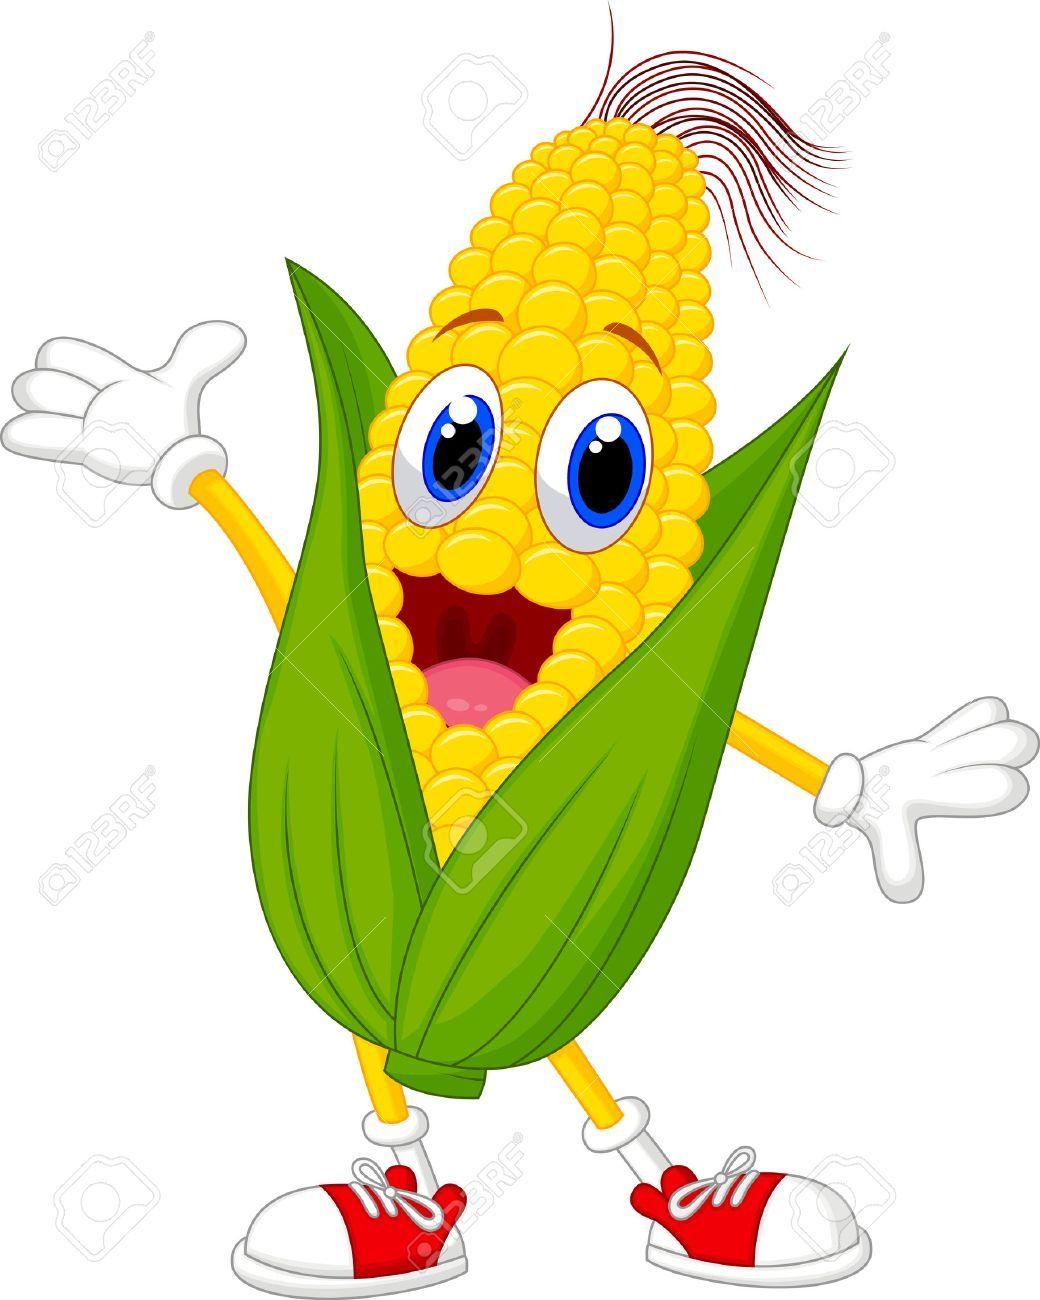 Personaje De Dibujos Animados Lindo Maiz Verduras Dibujo Ilustracion Bonita Dibujos Animados